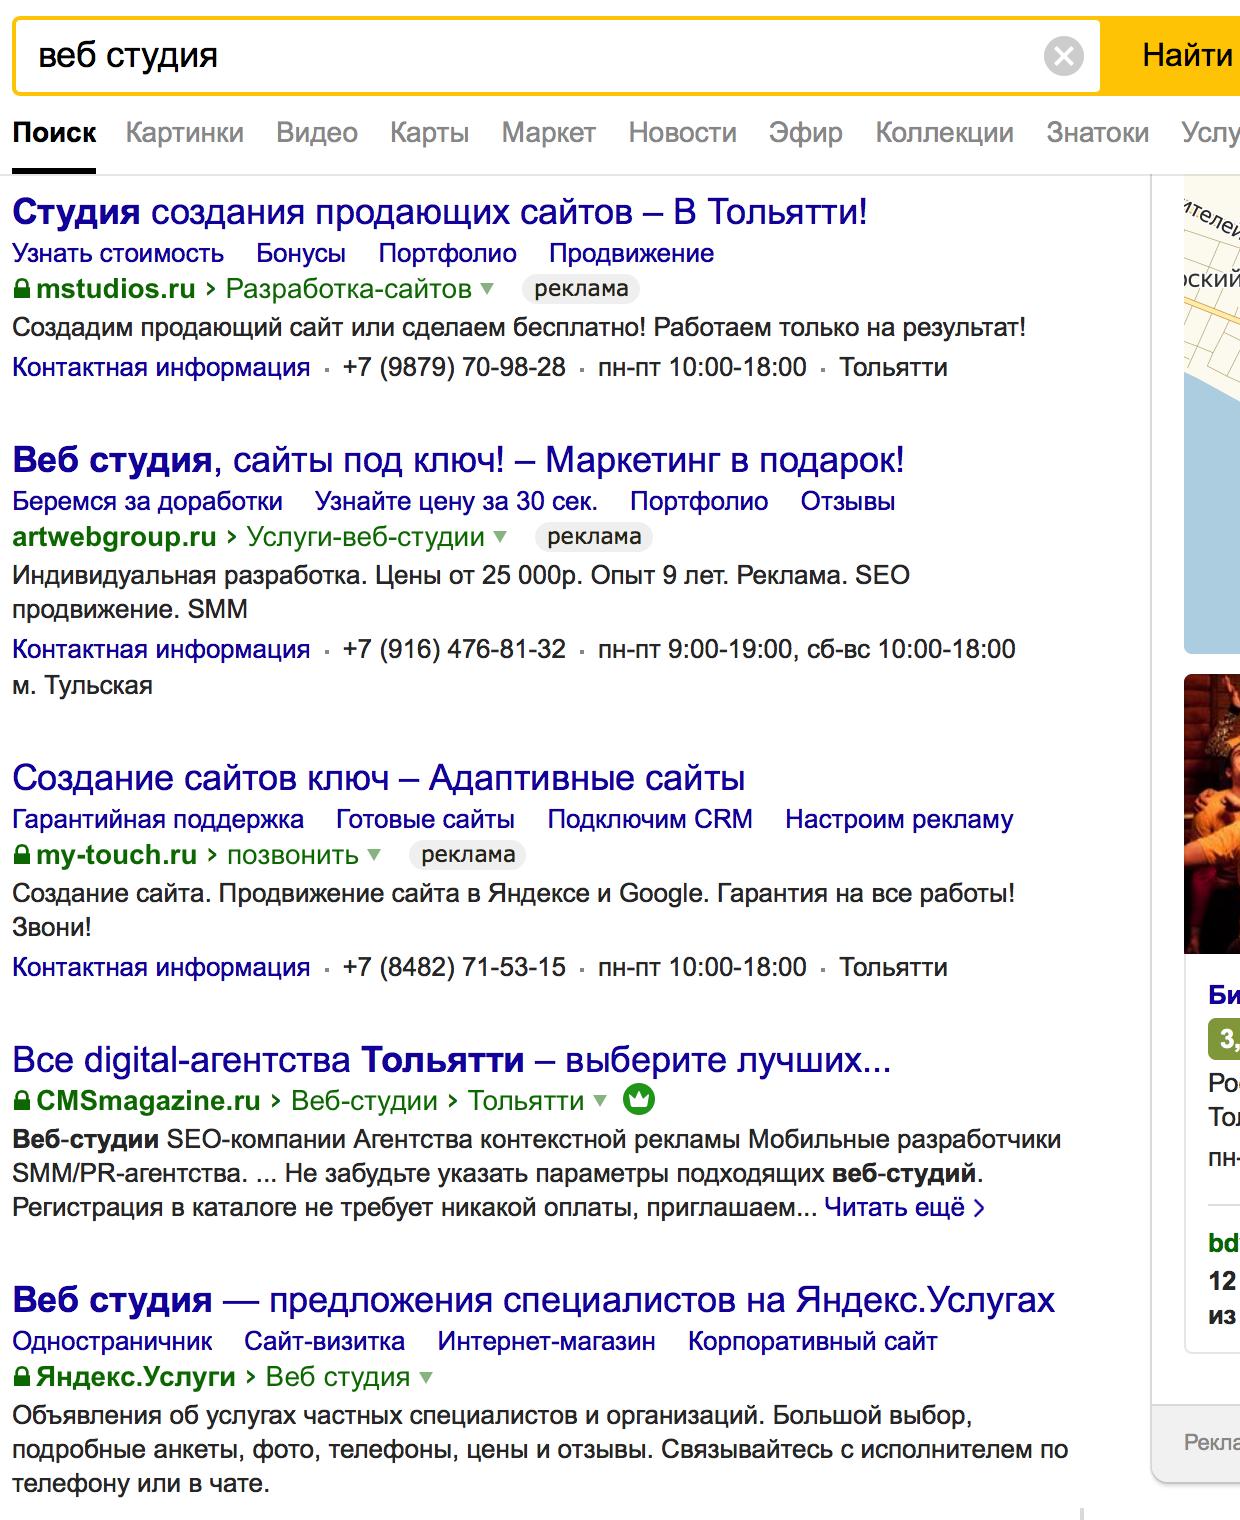 Продвижение сайта в яндекс новосибирск видеоурок продвижения сайта в